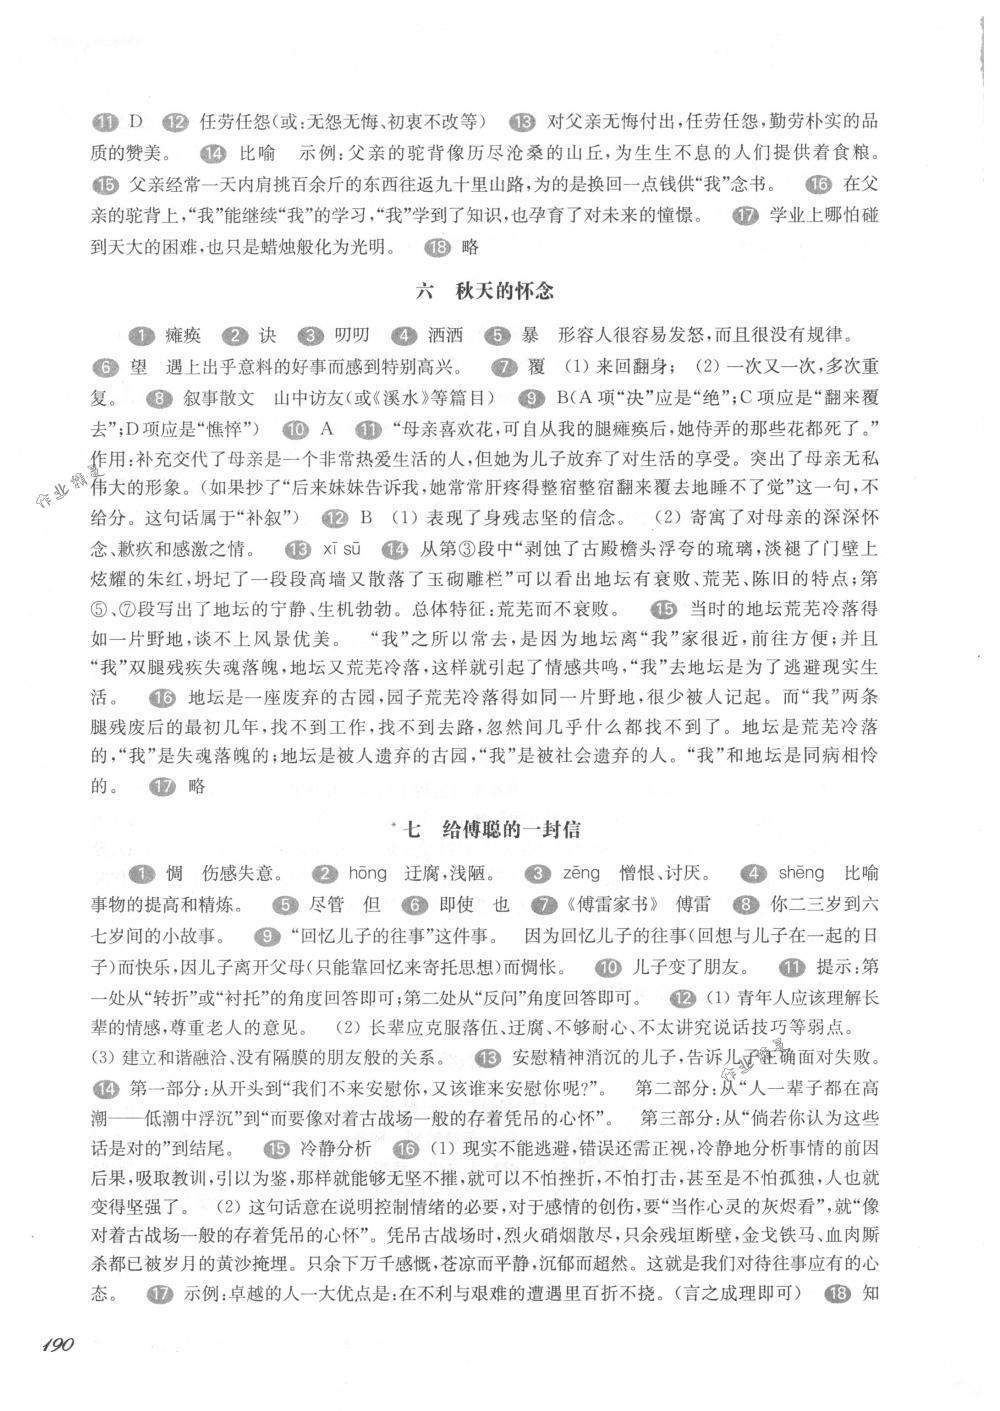 2018年华东师大版一课一练七年级语文第二学期沪教版第4页